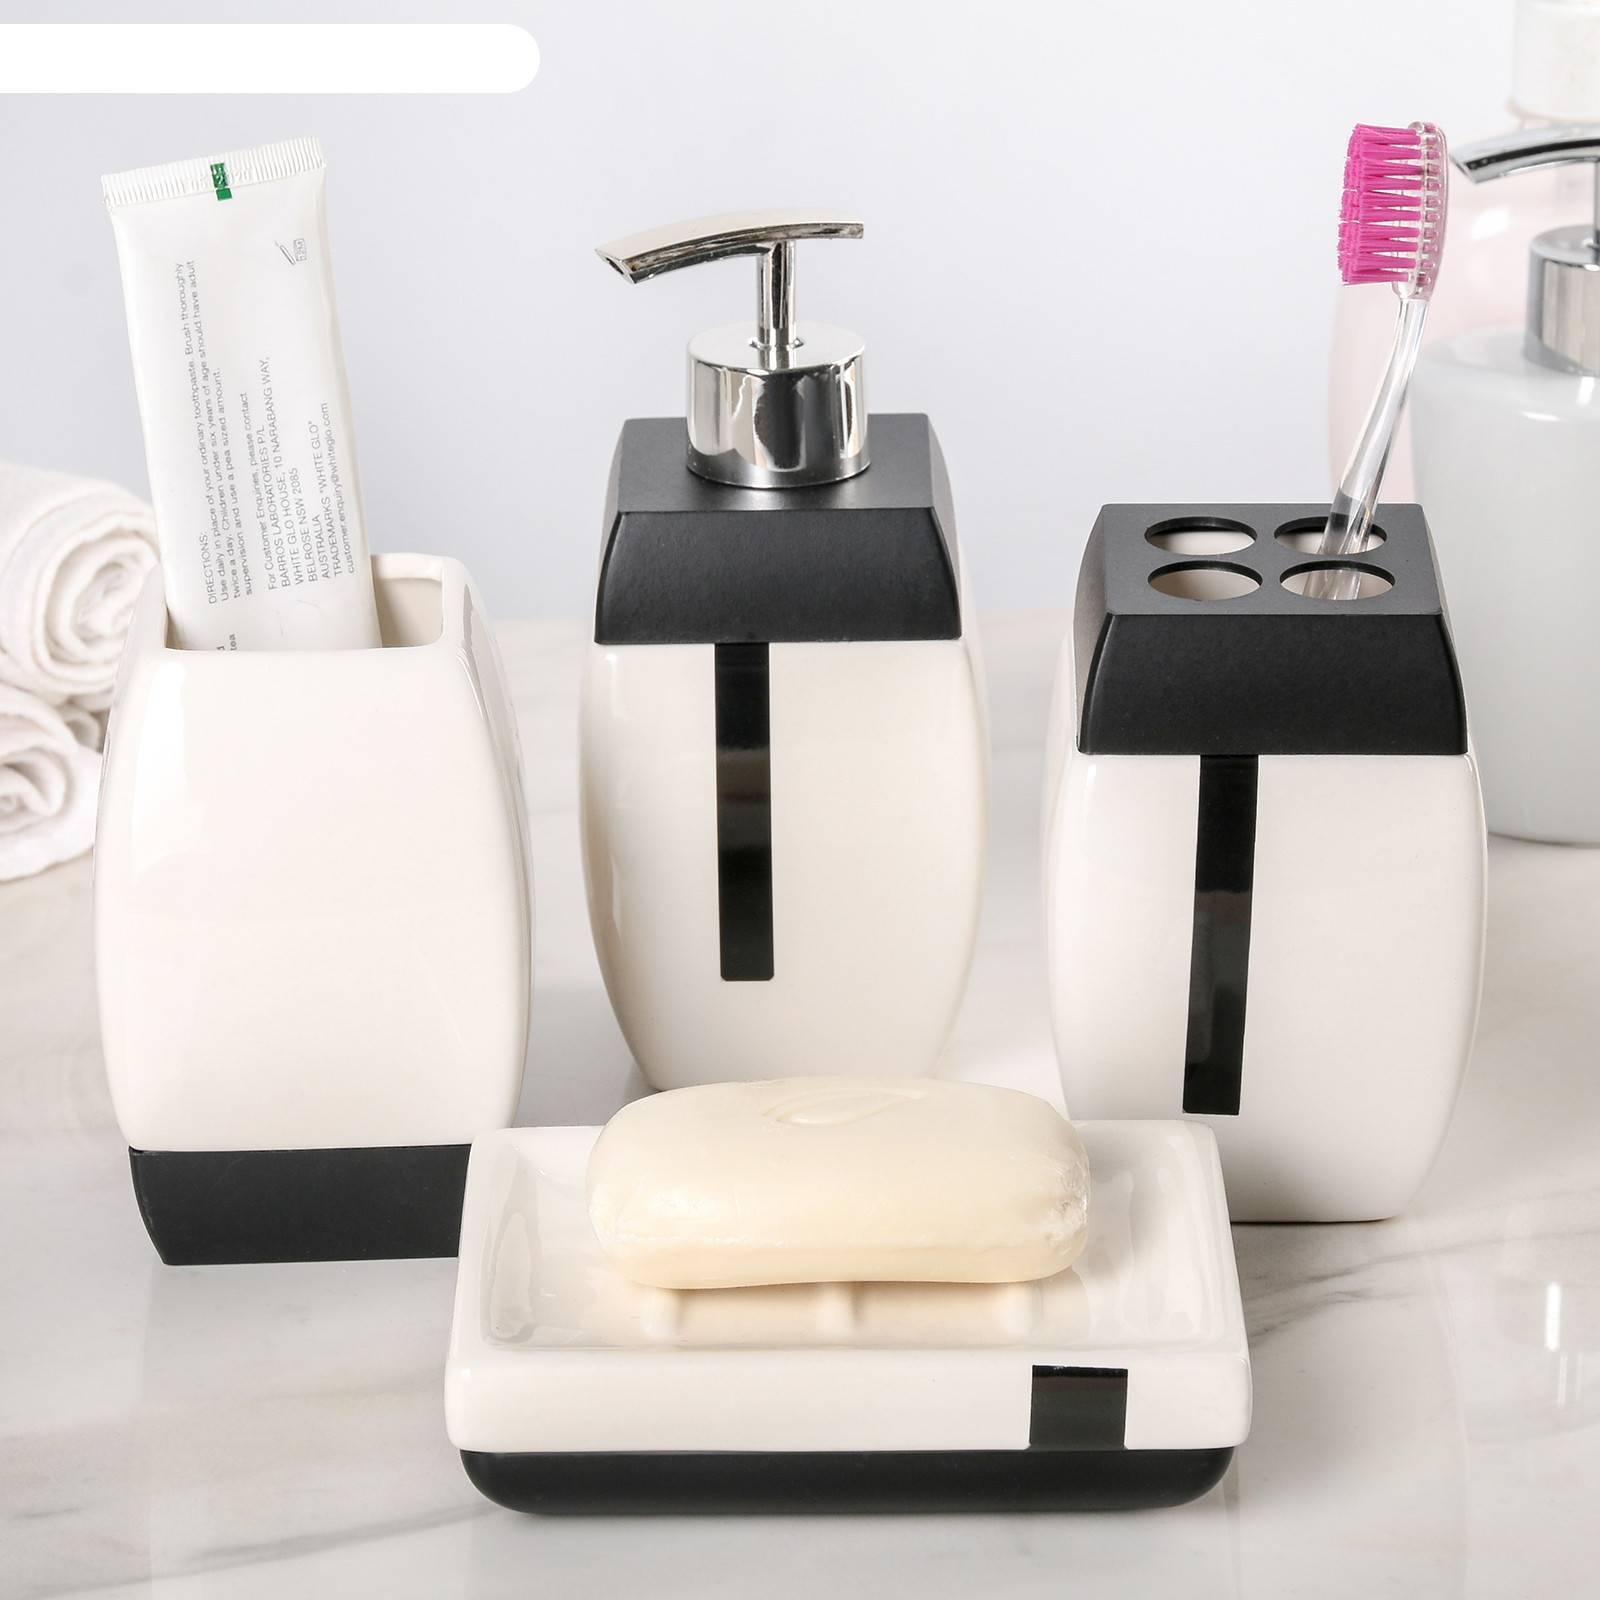 Аксессуары для ванной - обзор современных идей +100 фото